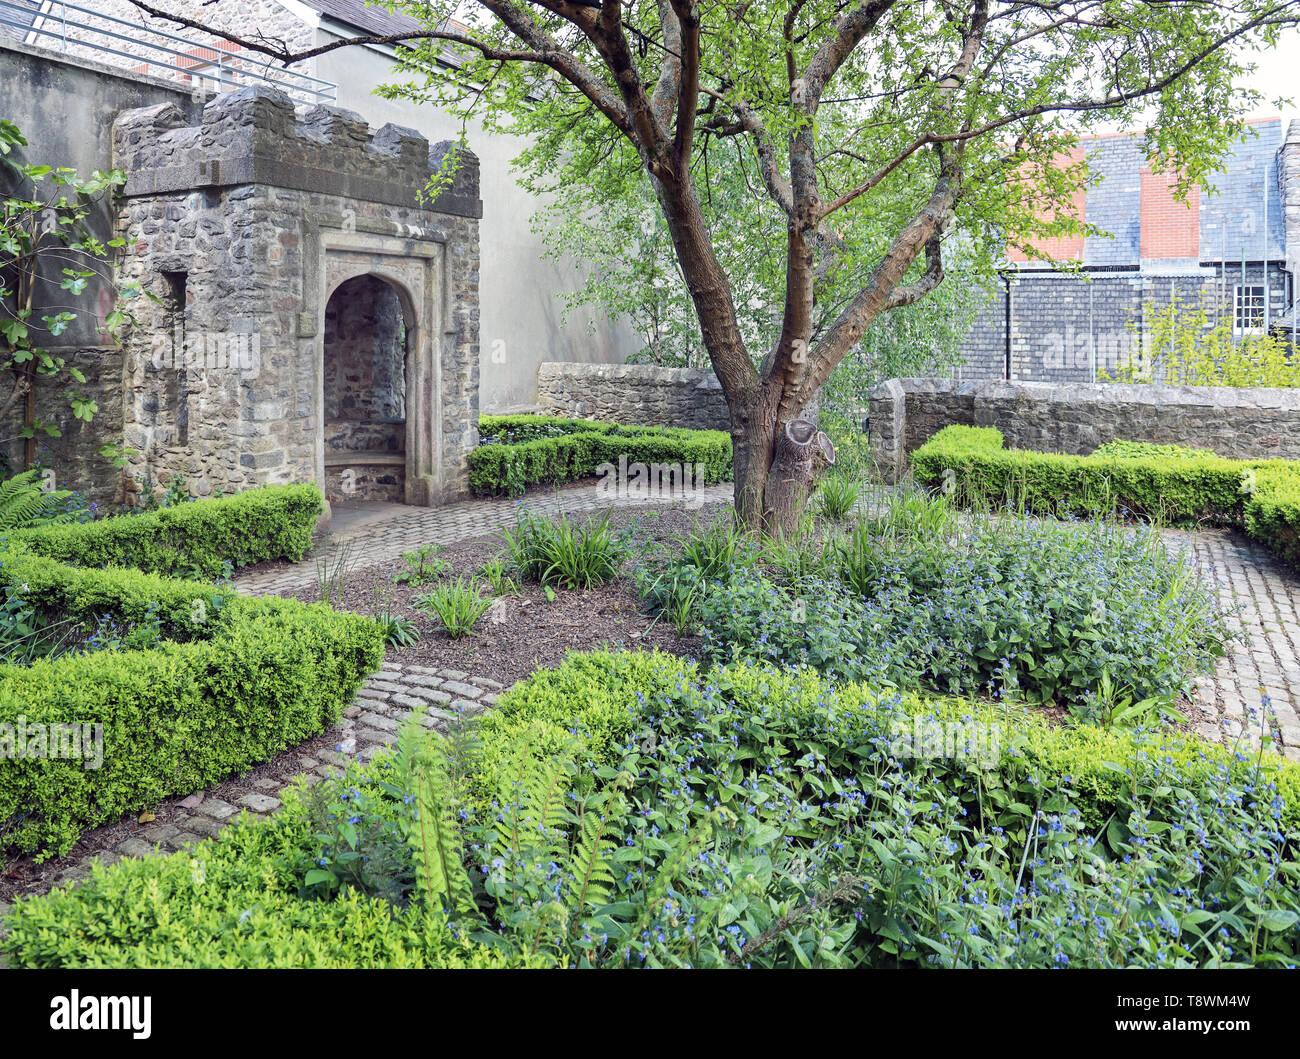 Elisabethanischen Gärten auf der Plymouth historische Barbican. Abgeschiedenen Garten, neue Straße. Mayflower 400 feiern im Jahr 2020 Stockbild